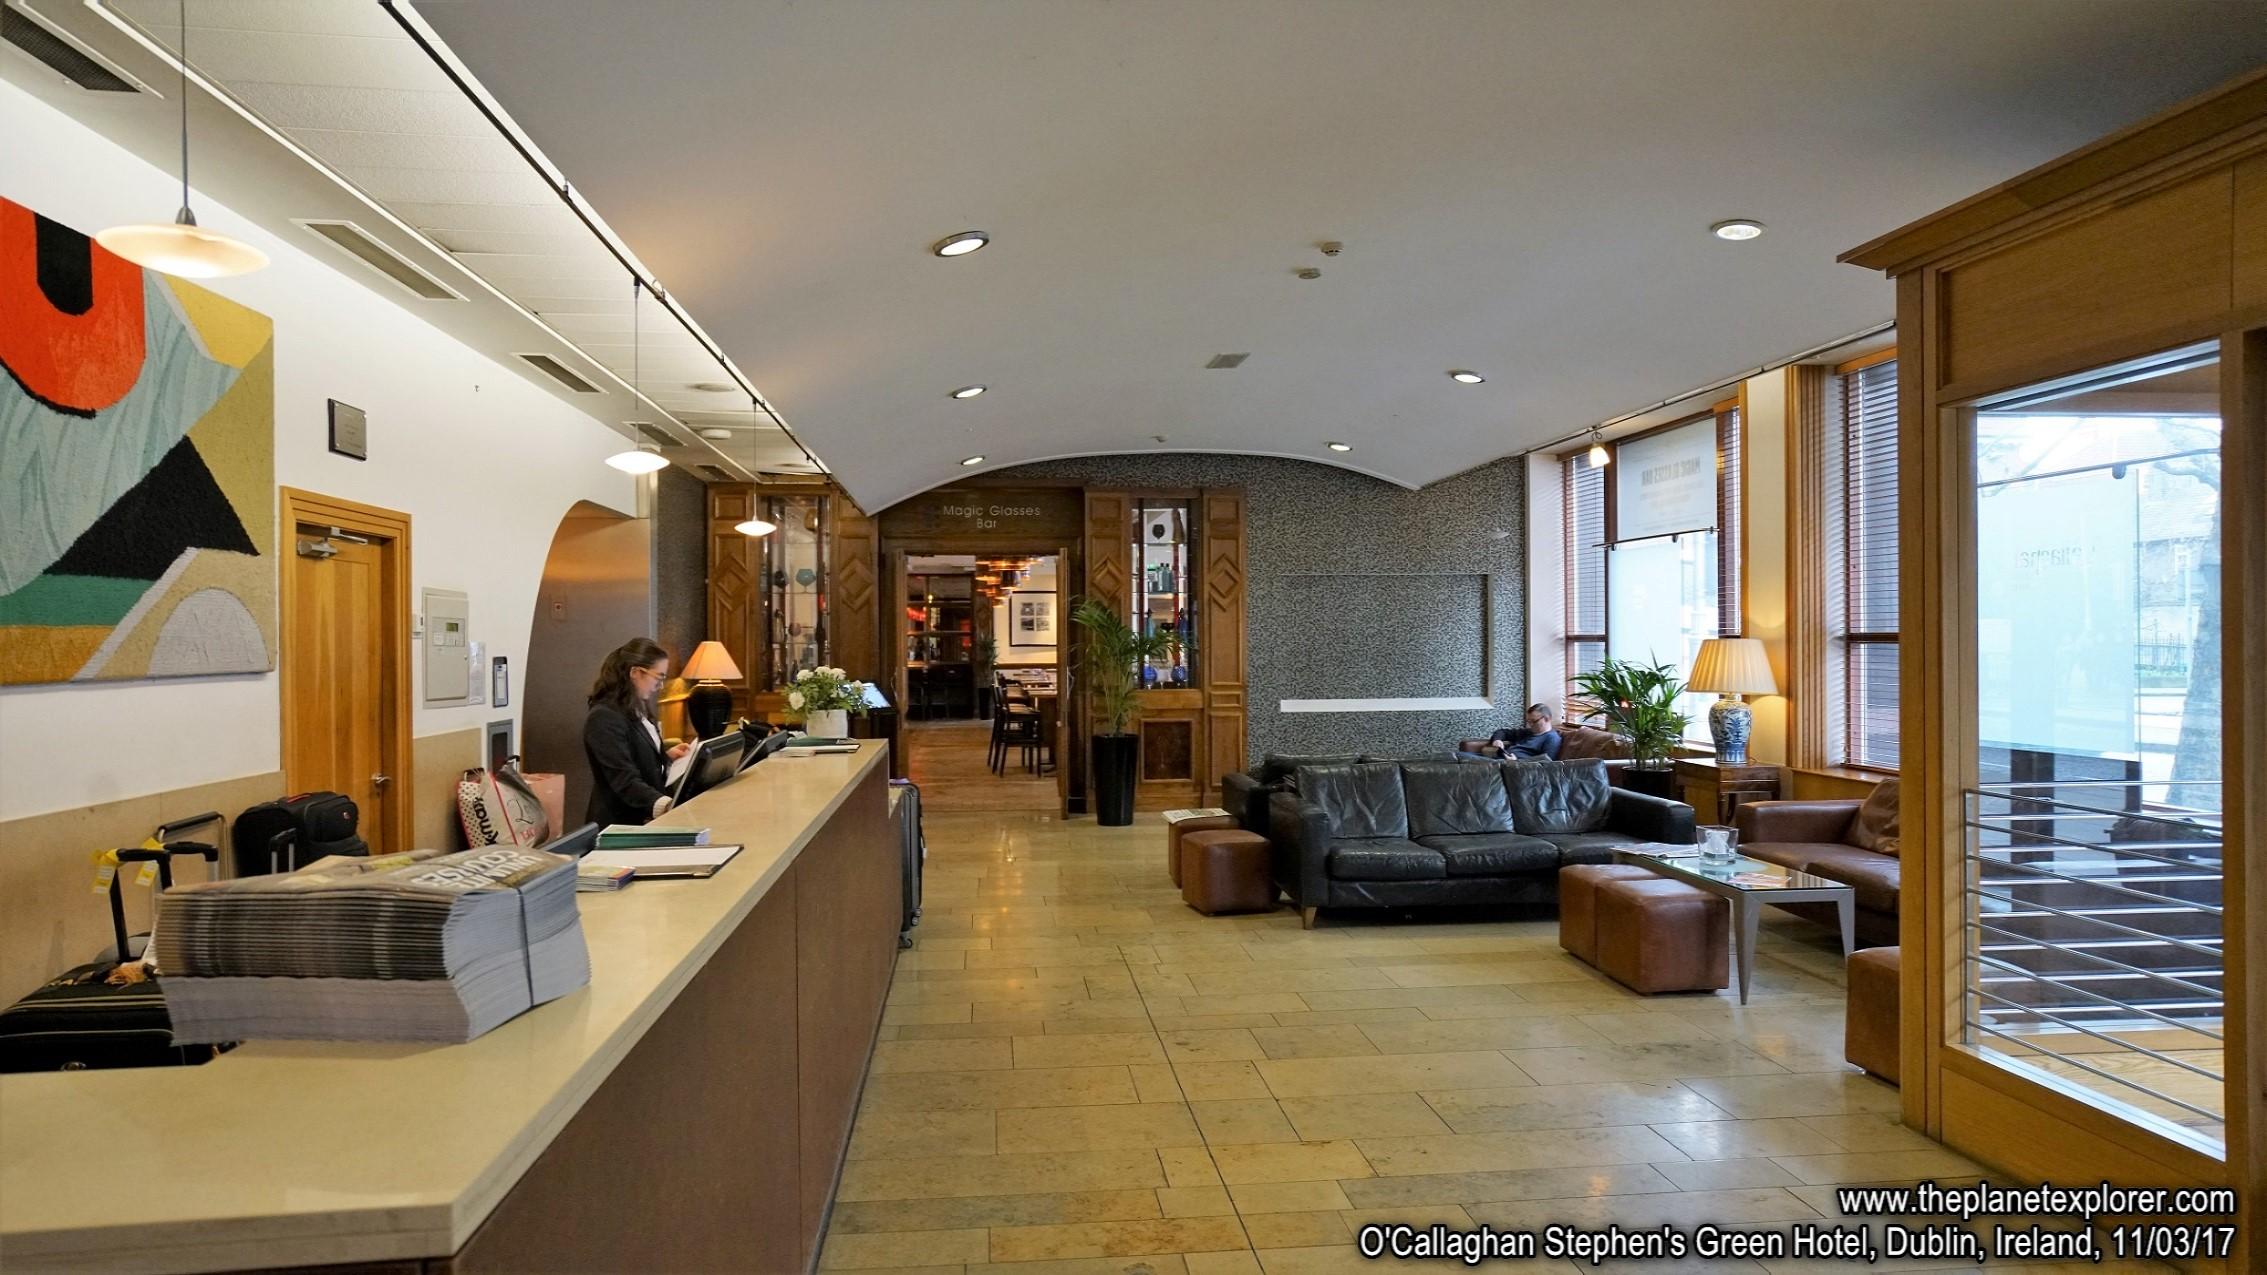 2017-03-11_1309_Ireland_Dublin_O'Callaghan Stephen's Green Hotel_DSC07236_a7R2_LR_@www